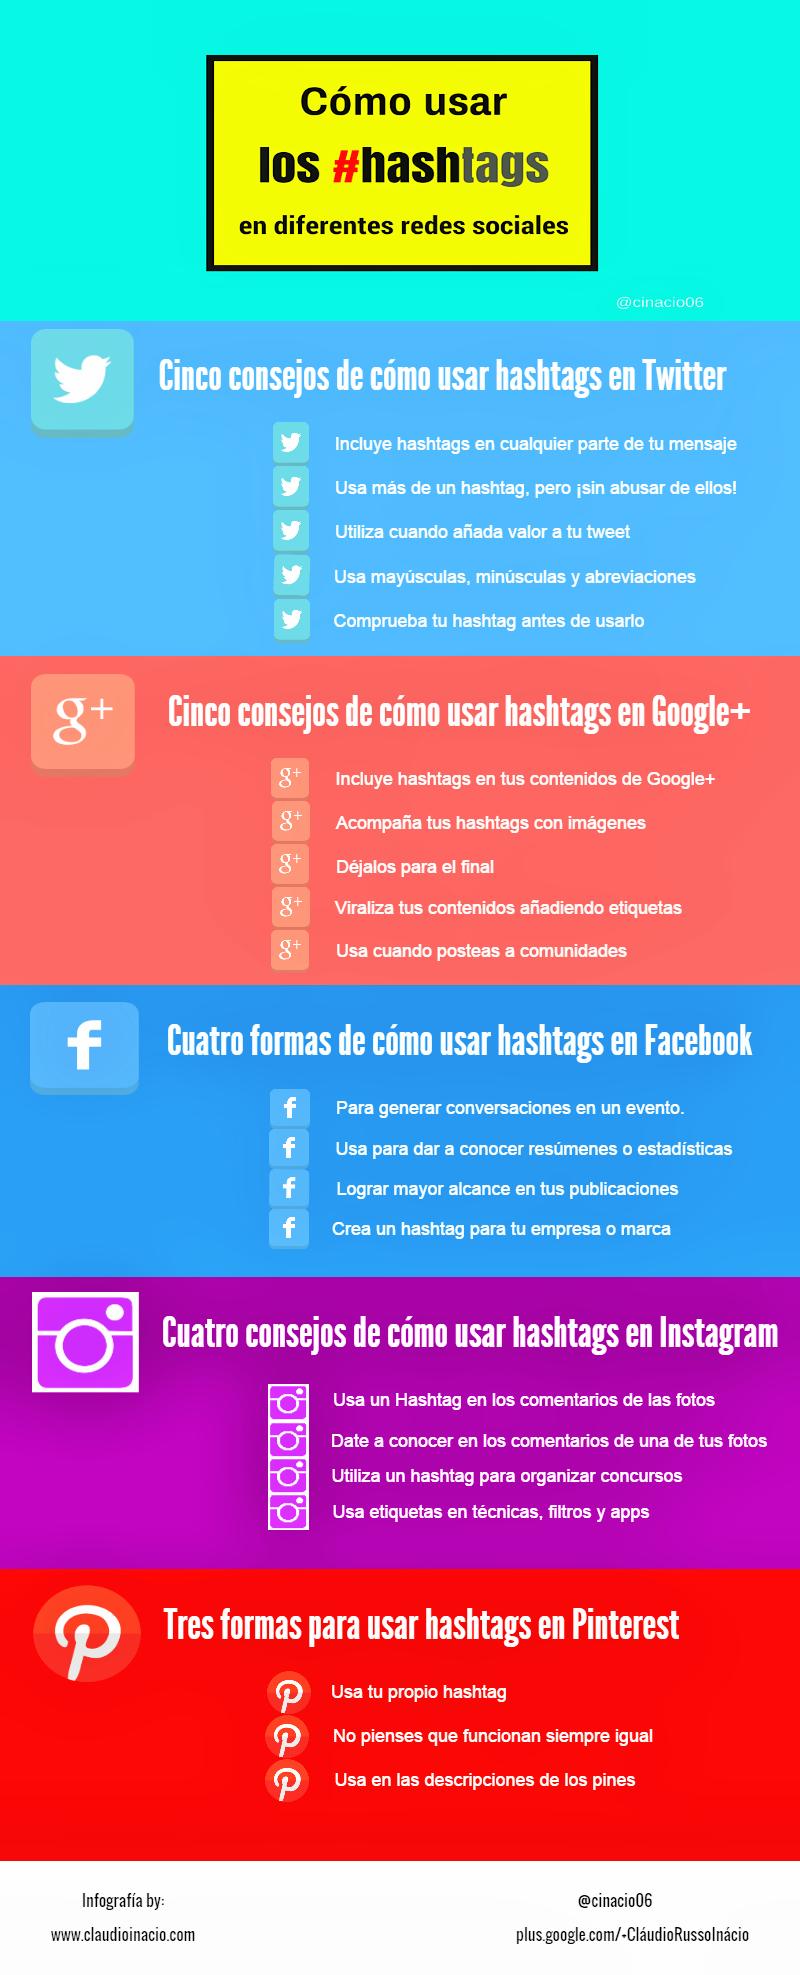 Cómo usar los hashtags en las diferentes Redes Sociales